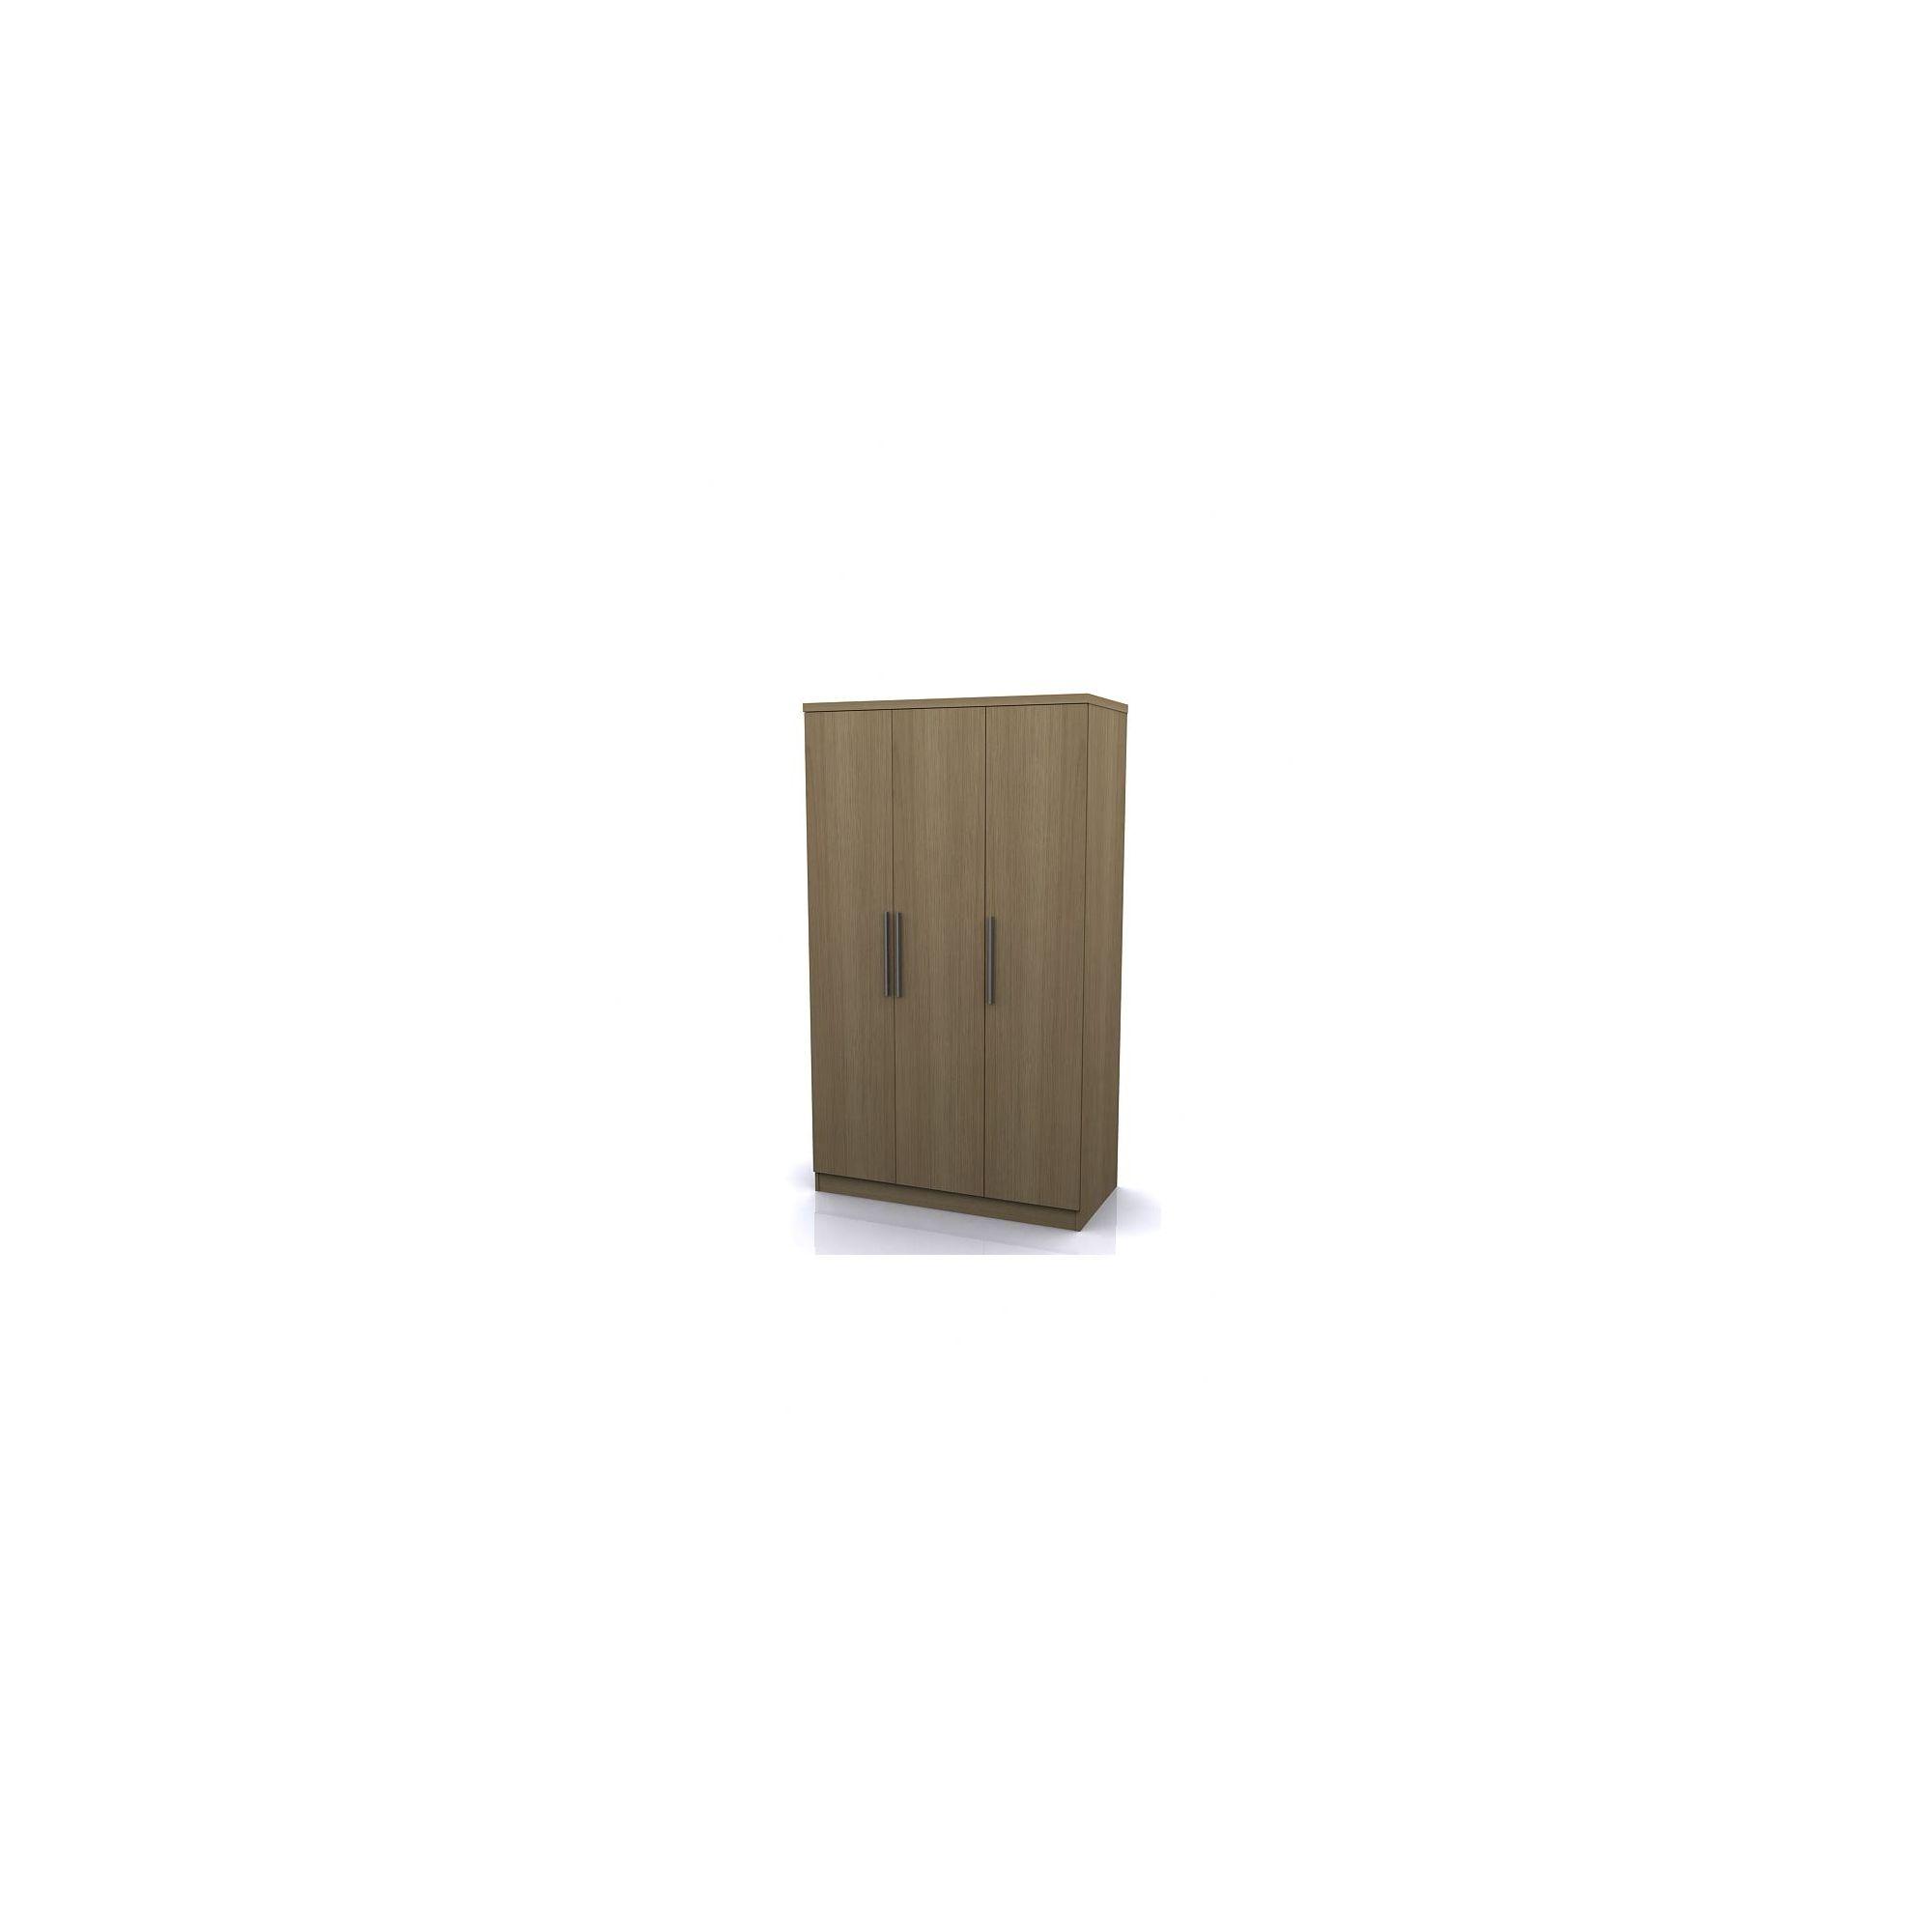 Altruna Manhattan Three Door Robe - Oak at Tesco Direct